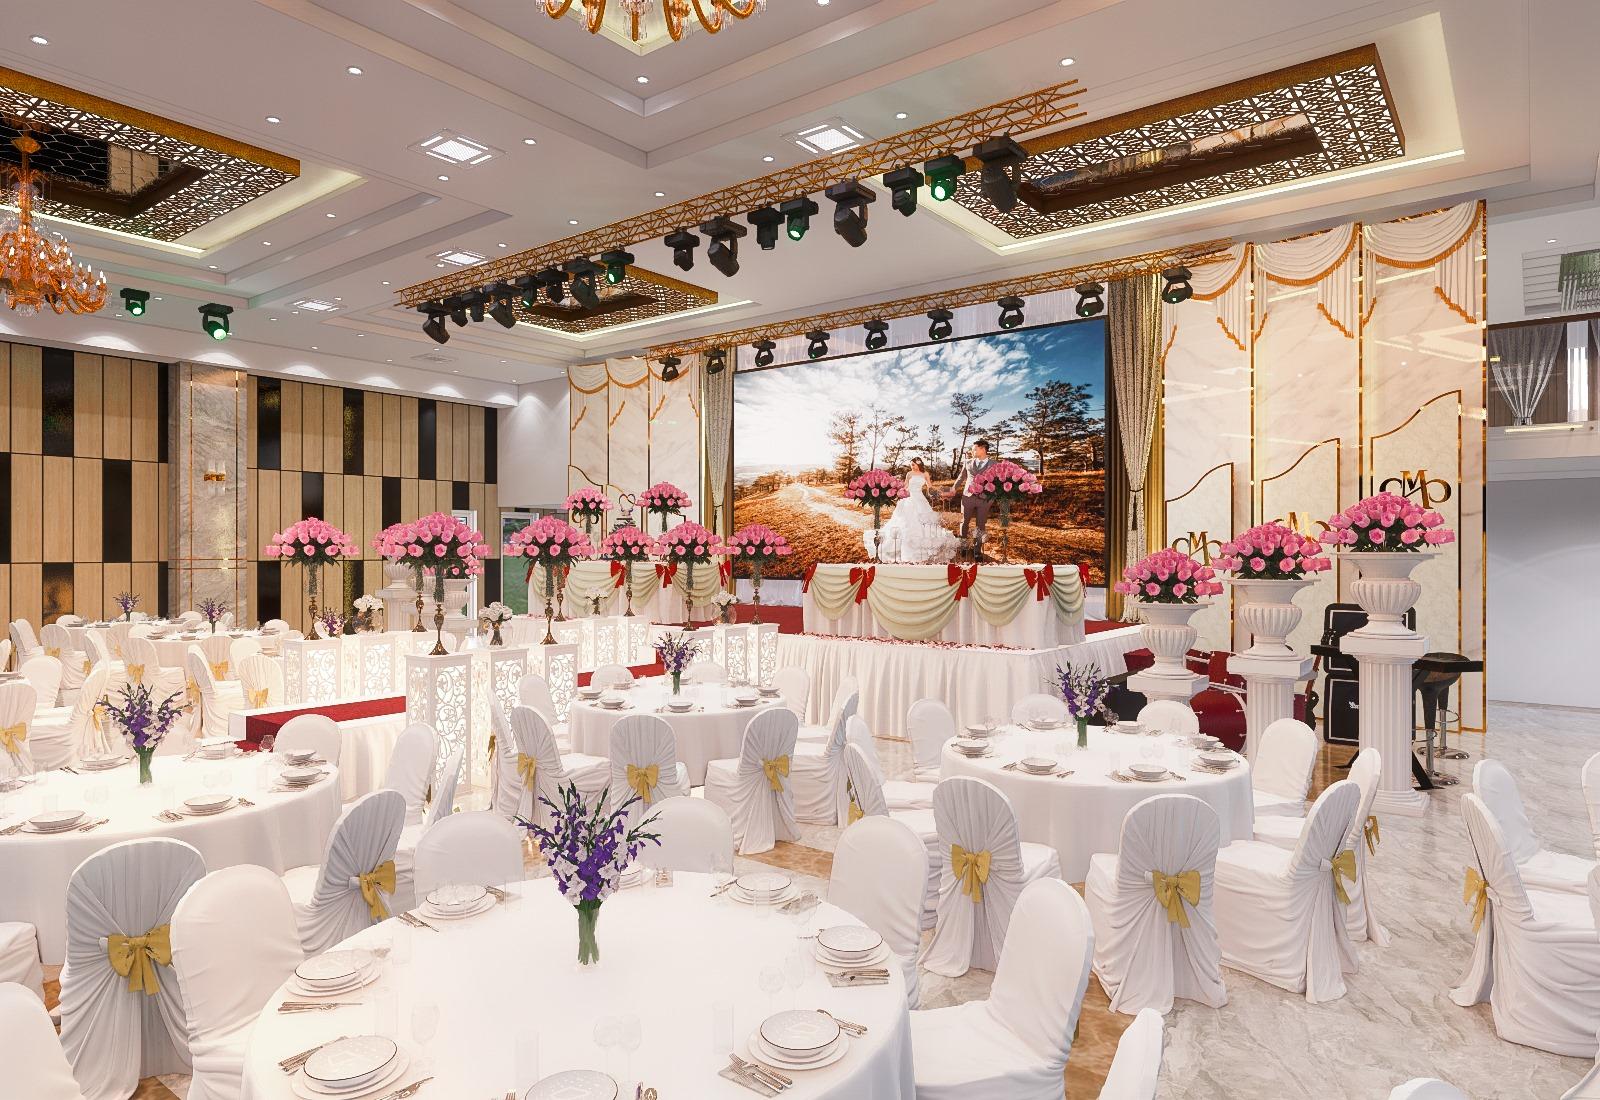 Thiết kế sân khấu nhà hàng tiệc cưới